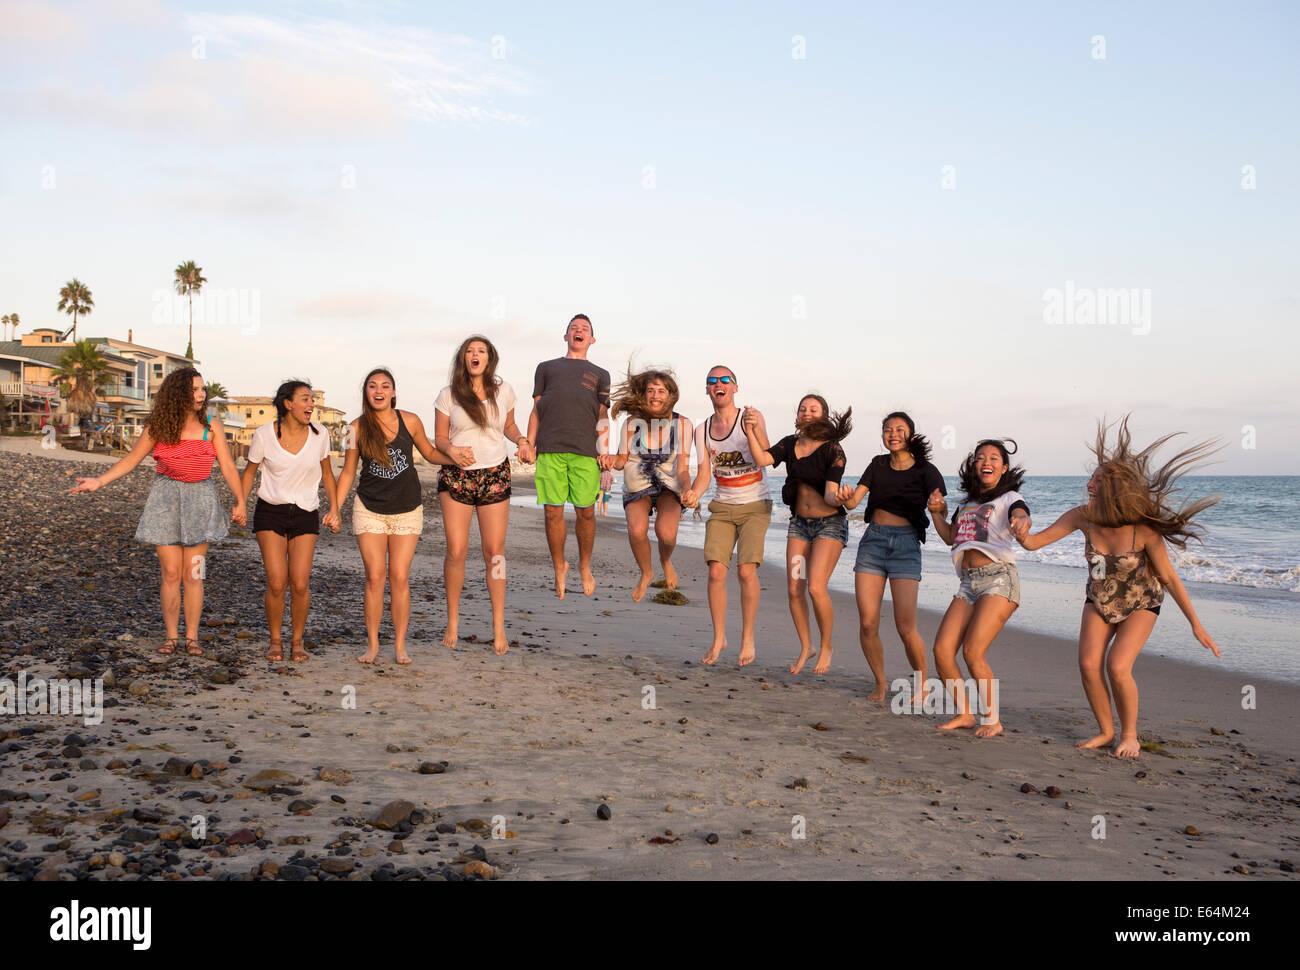 Junge Erwachsene, Jugendliche, Capistrano Beach, auch bekannt als Capo Strand, Stadt Dana Point, Orange County, California, Vereinigte Staaten von Amerika Stockfoto